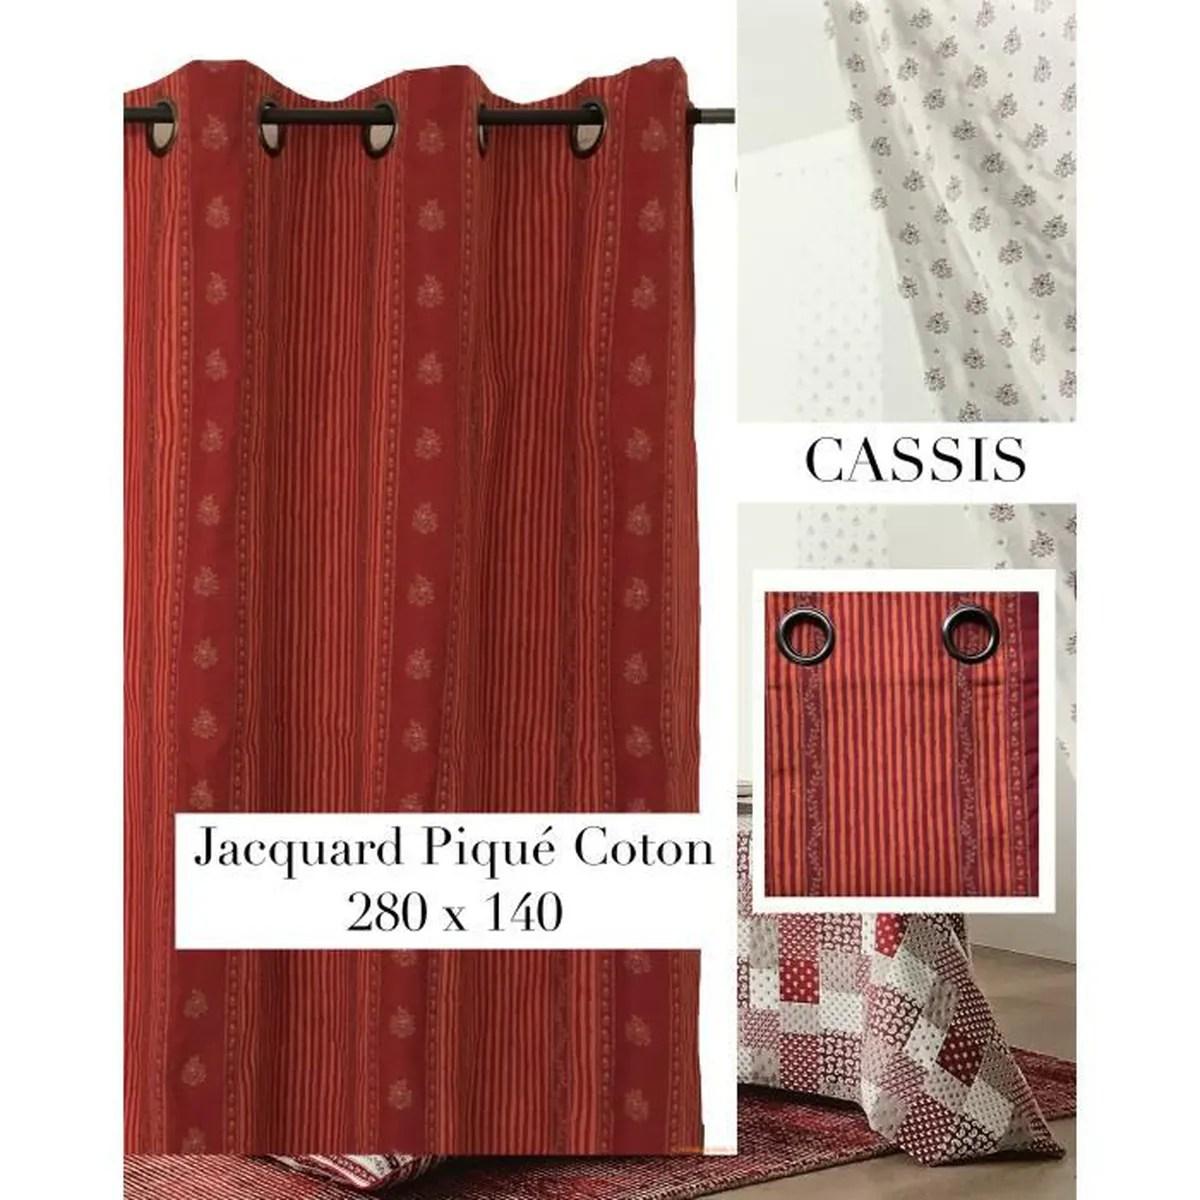 double rideau jacquard pique coton provencale style provence et montagne grande hauteur 140 x 280cm prix boutique 75e